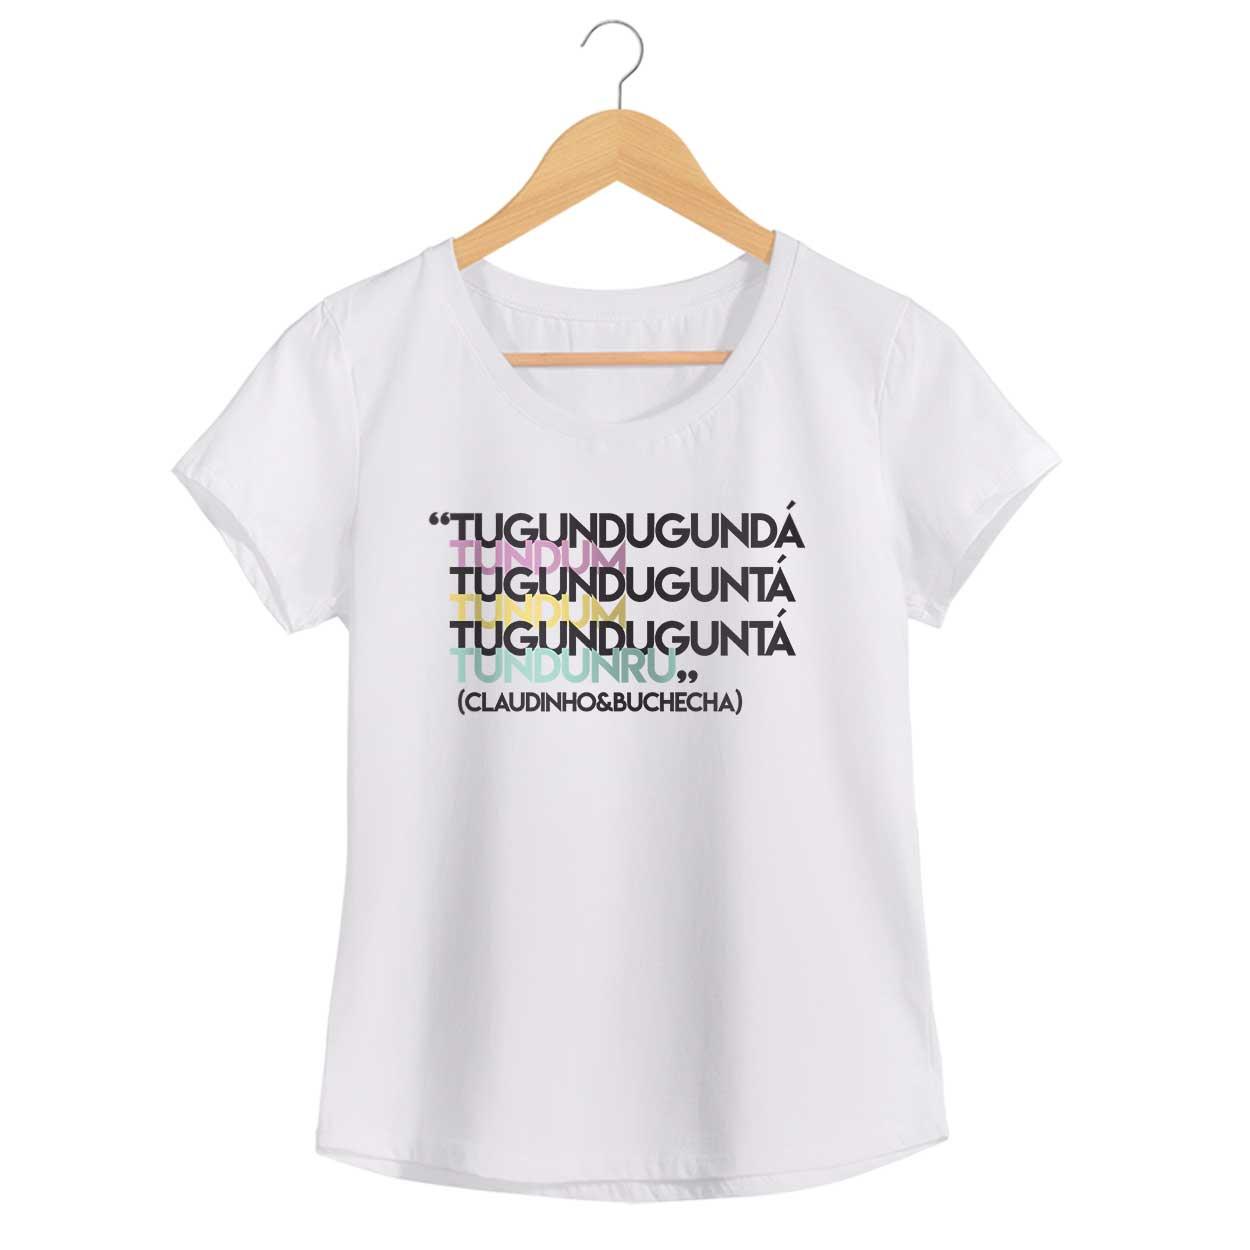 Camiseta - Quero te encontrar - Claudinho & Buchecha - Feminino